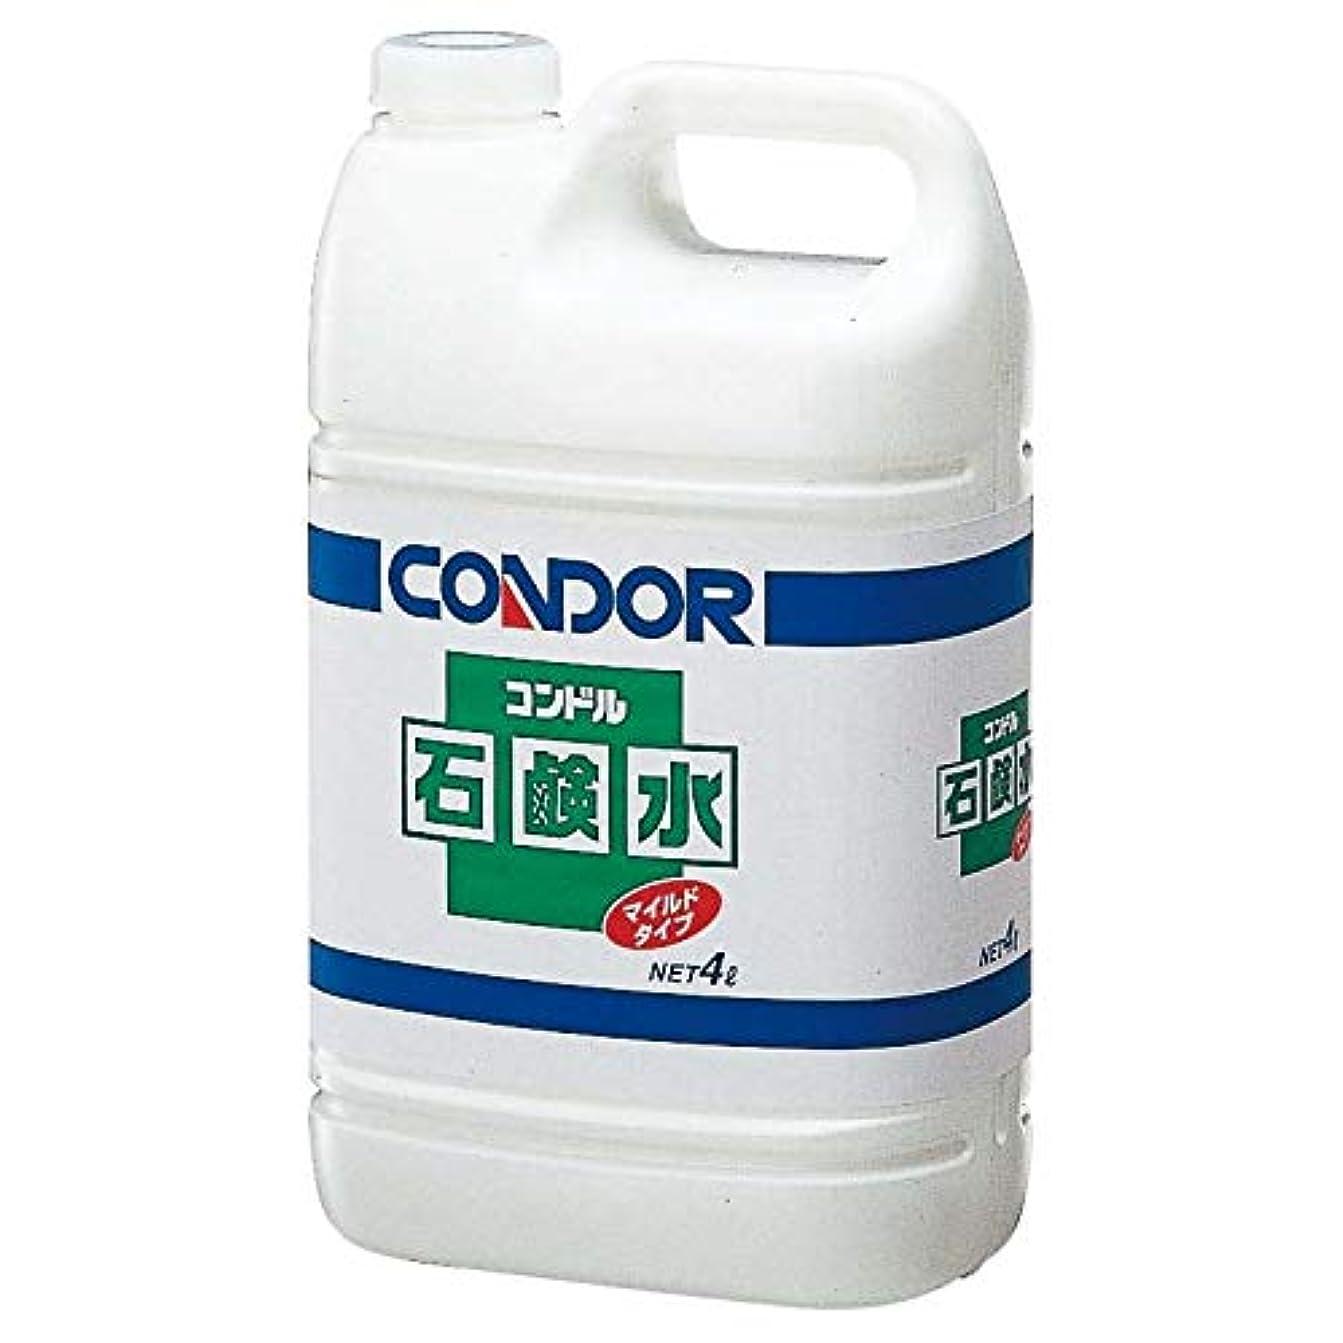 バレルリフレッシュ発行する【清潔キレイ館】コンドル 石鹸水(4L)